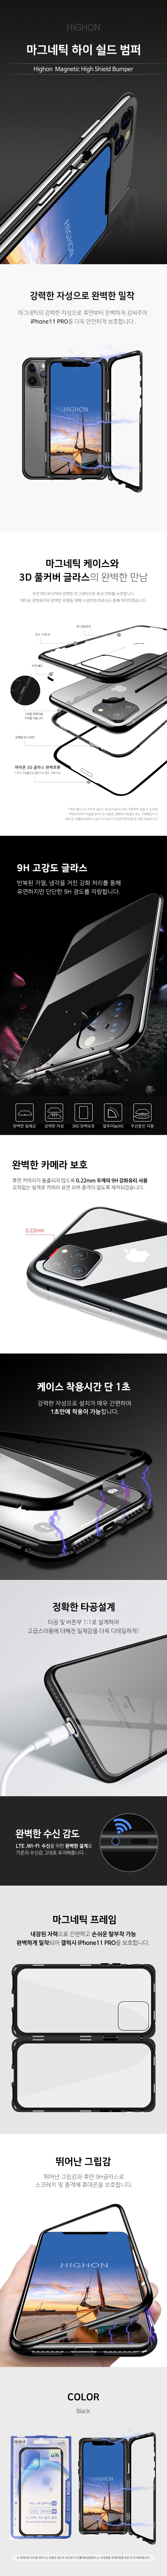 아이폰11PRO 마그네틱 하이 쉴드 메탈 범퍼케이스 - 하이온, 19,000원, 케이스, 아이폰XS MAX